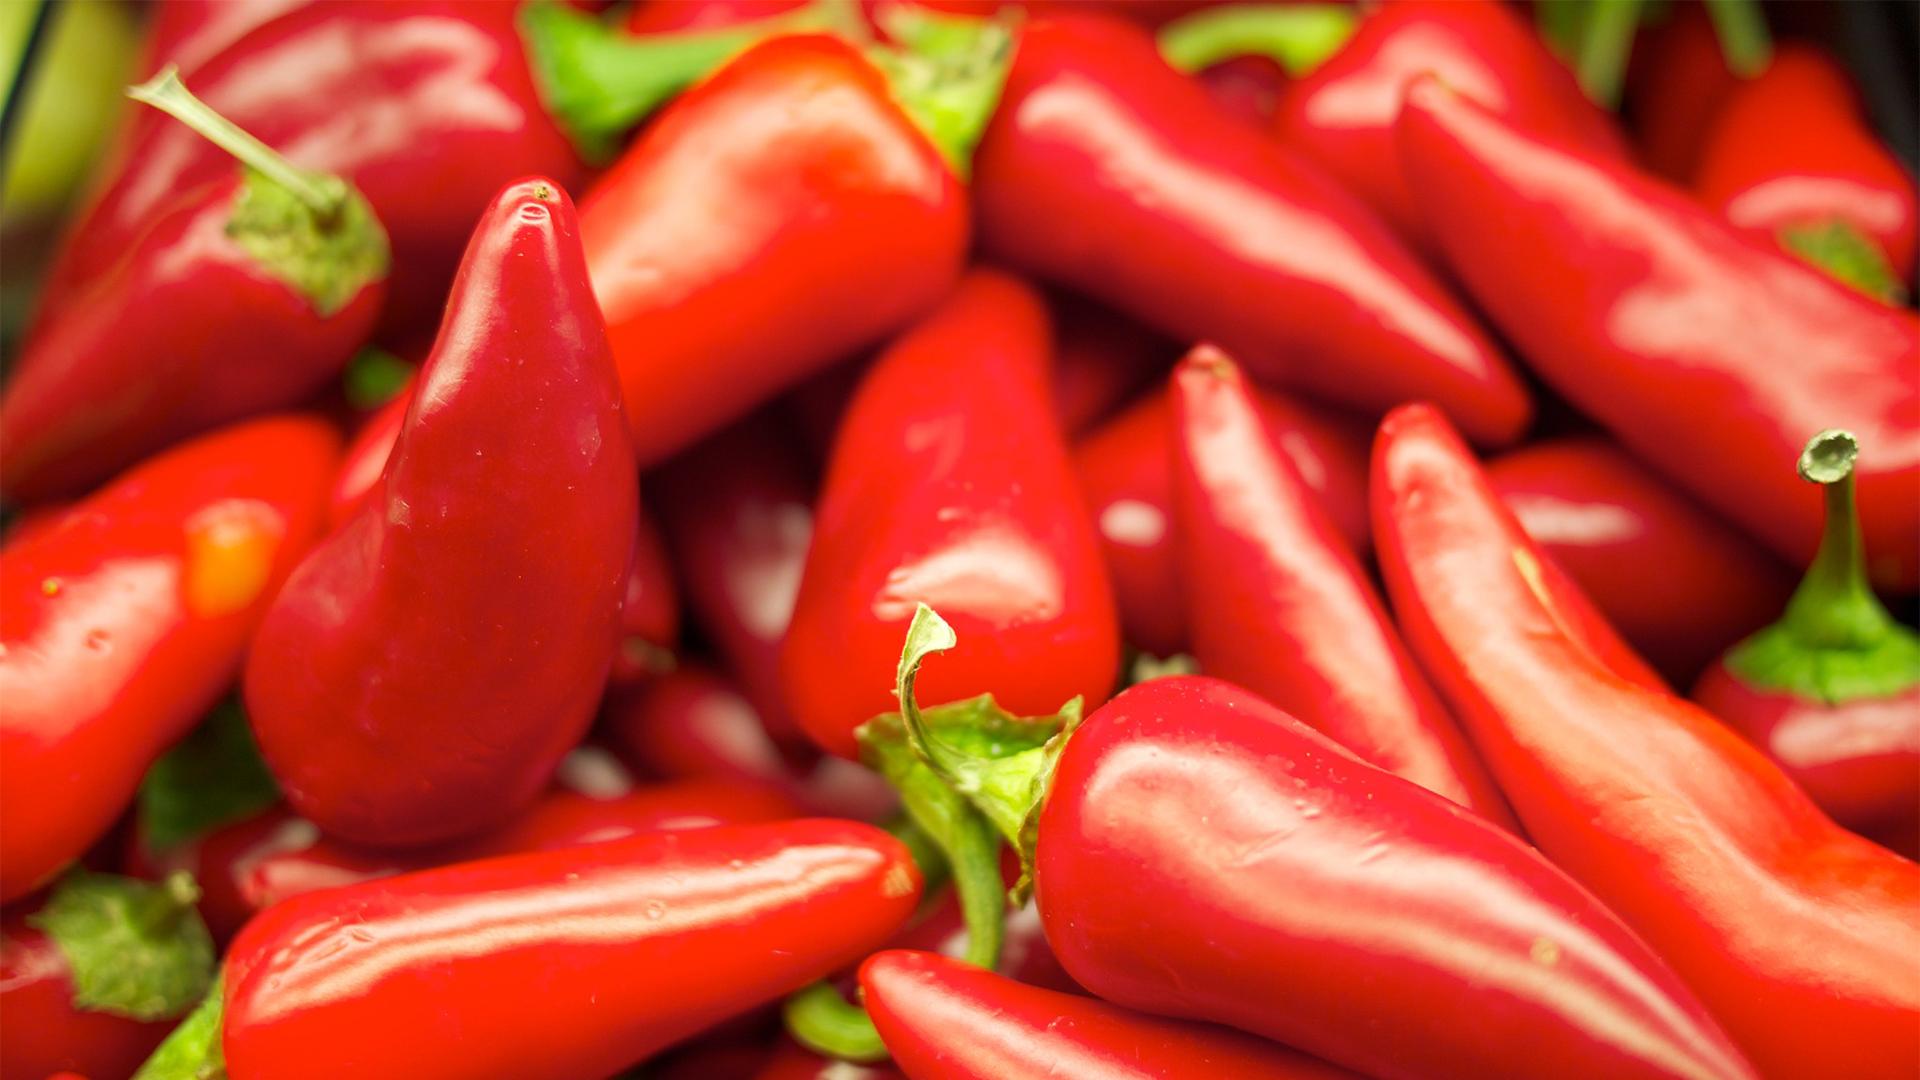 Capsaicin red hot chili pepper